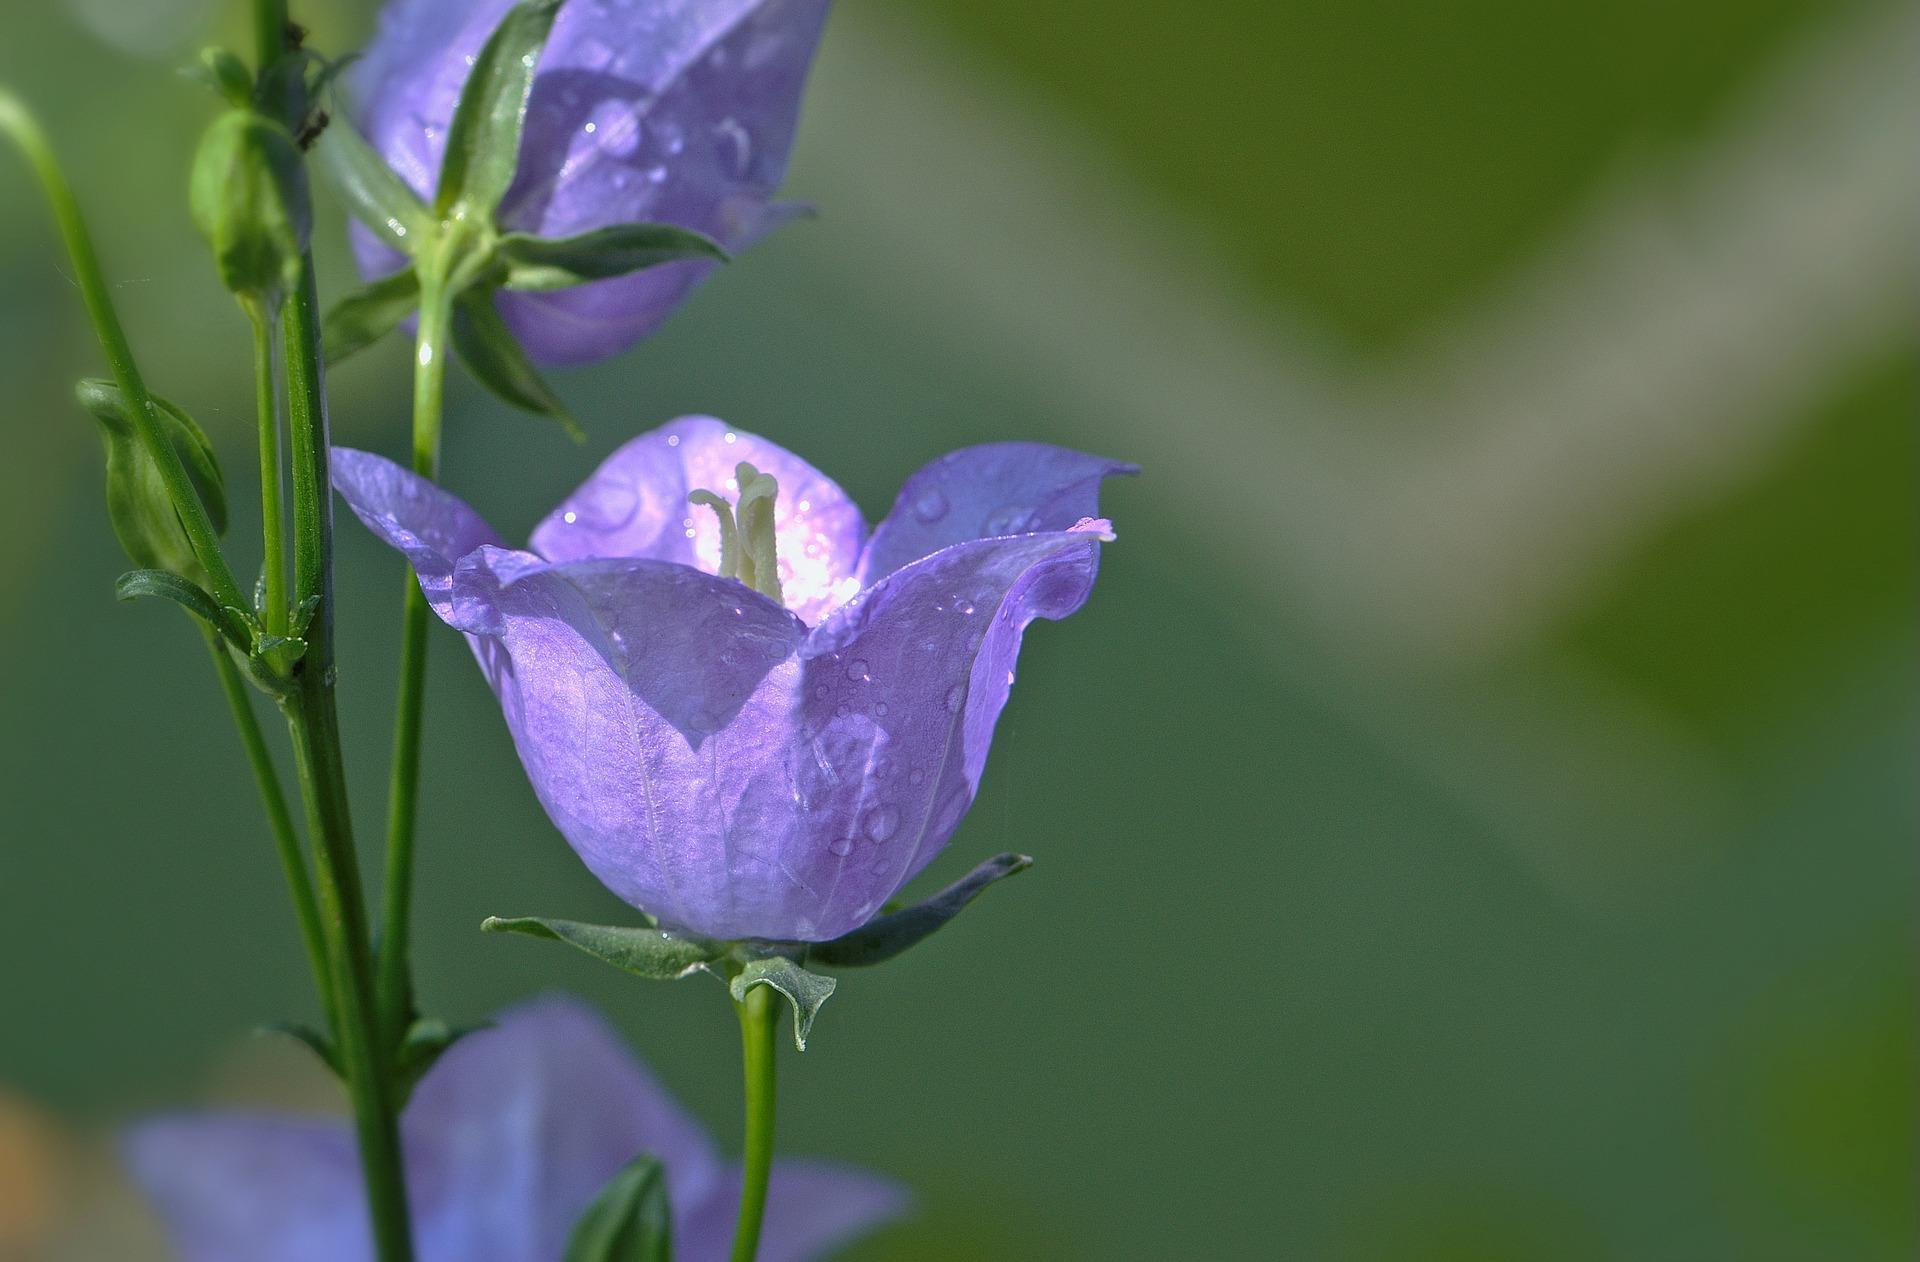 flower-5271993_1920